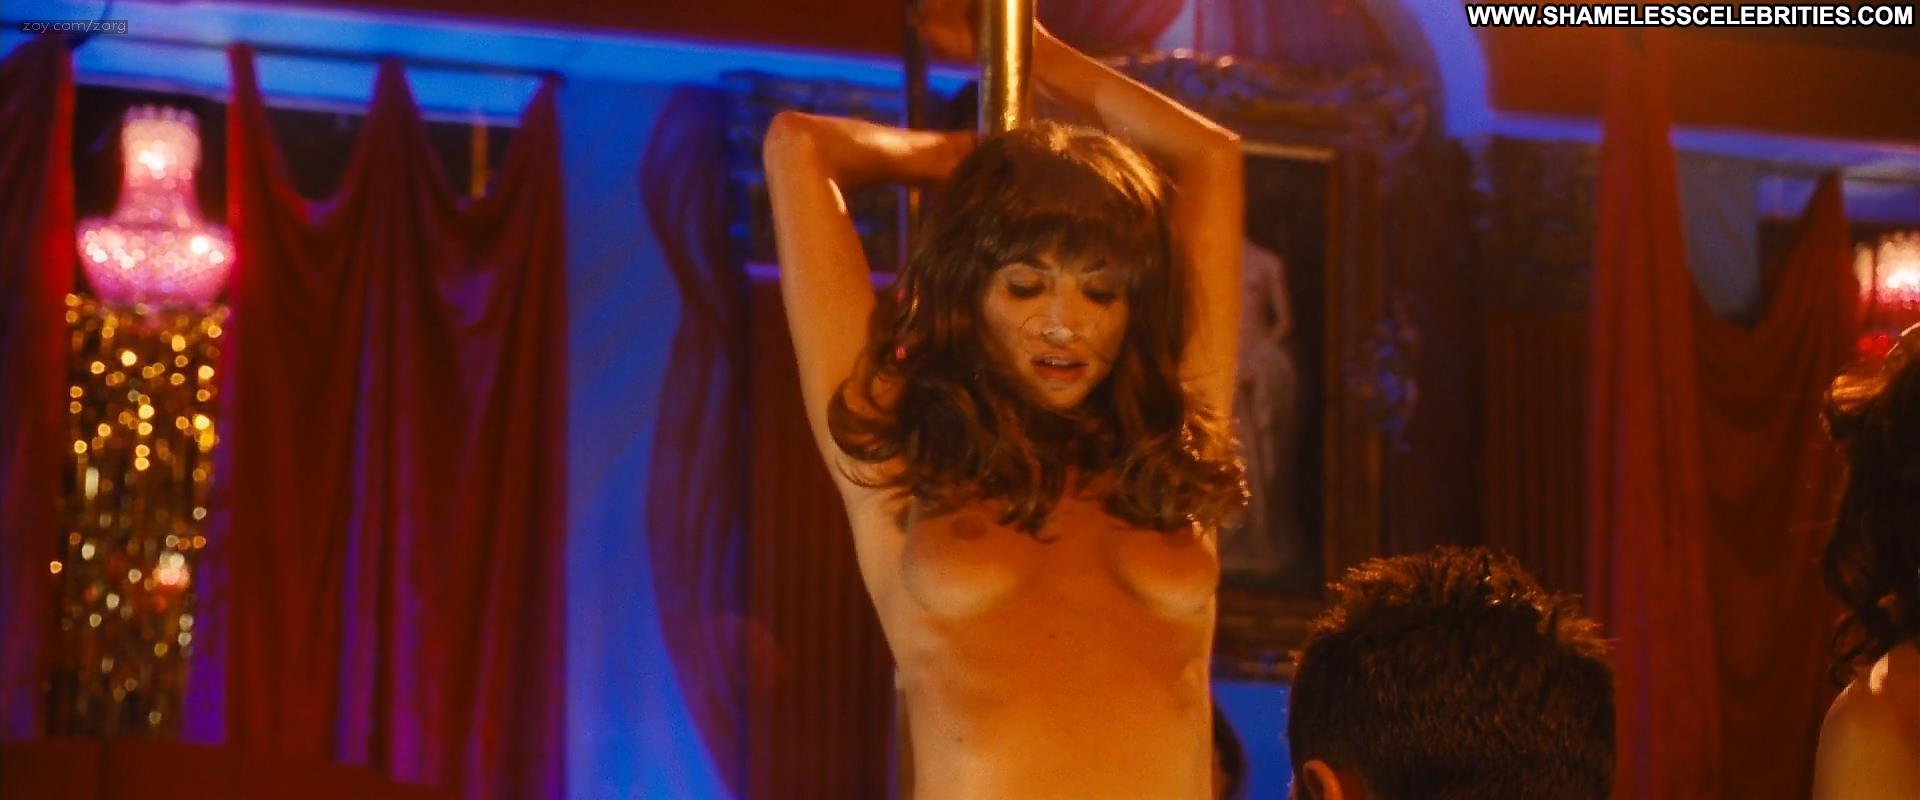 Margarita levieva nude spread 1